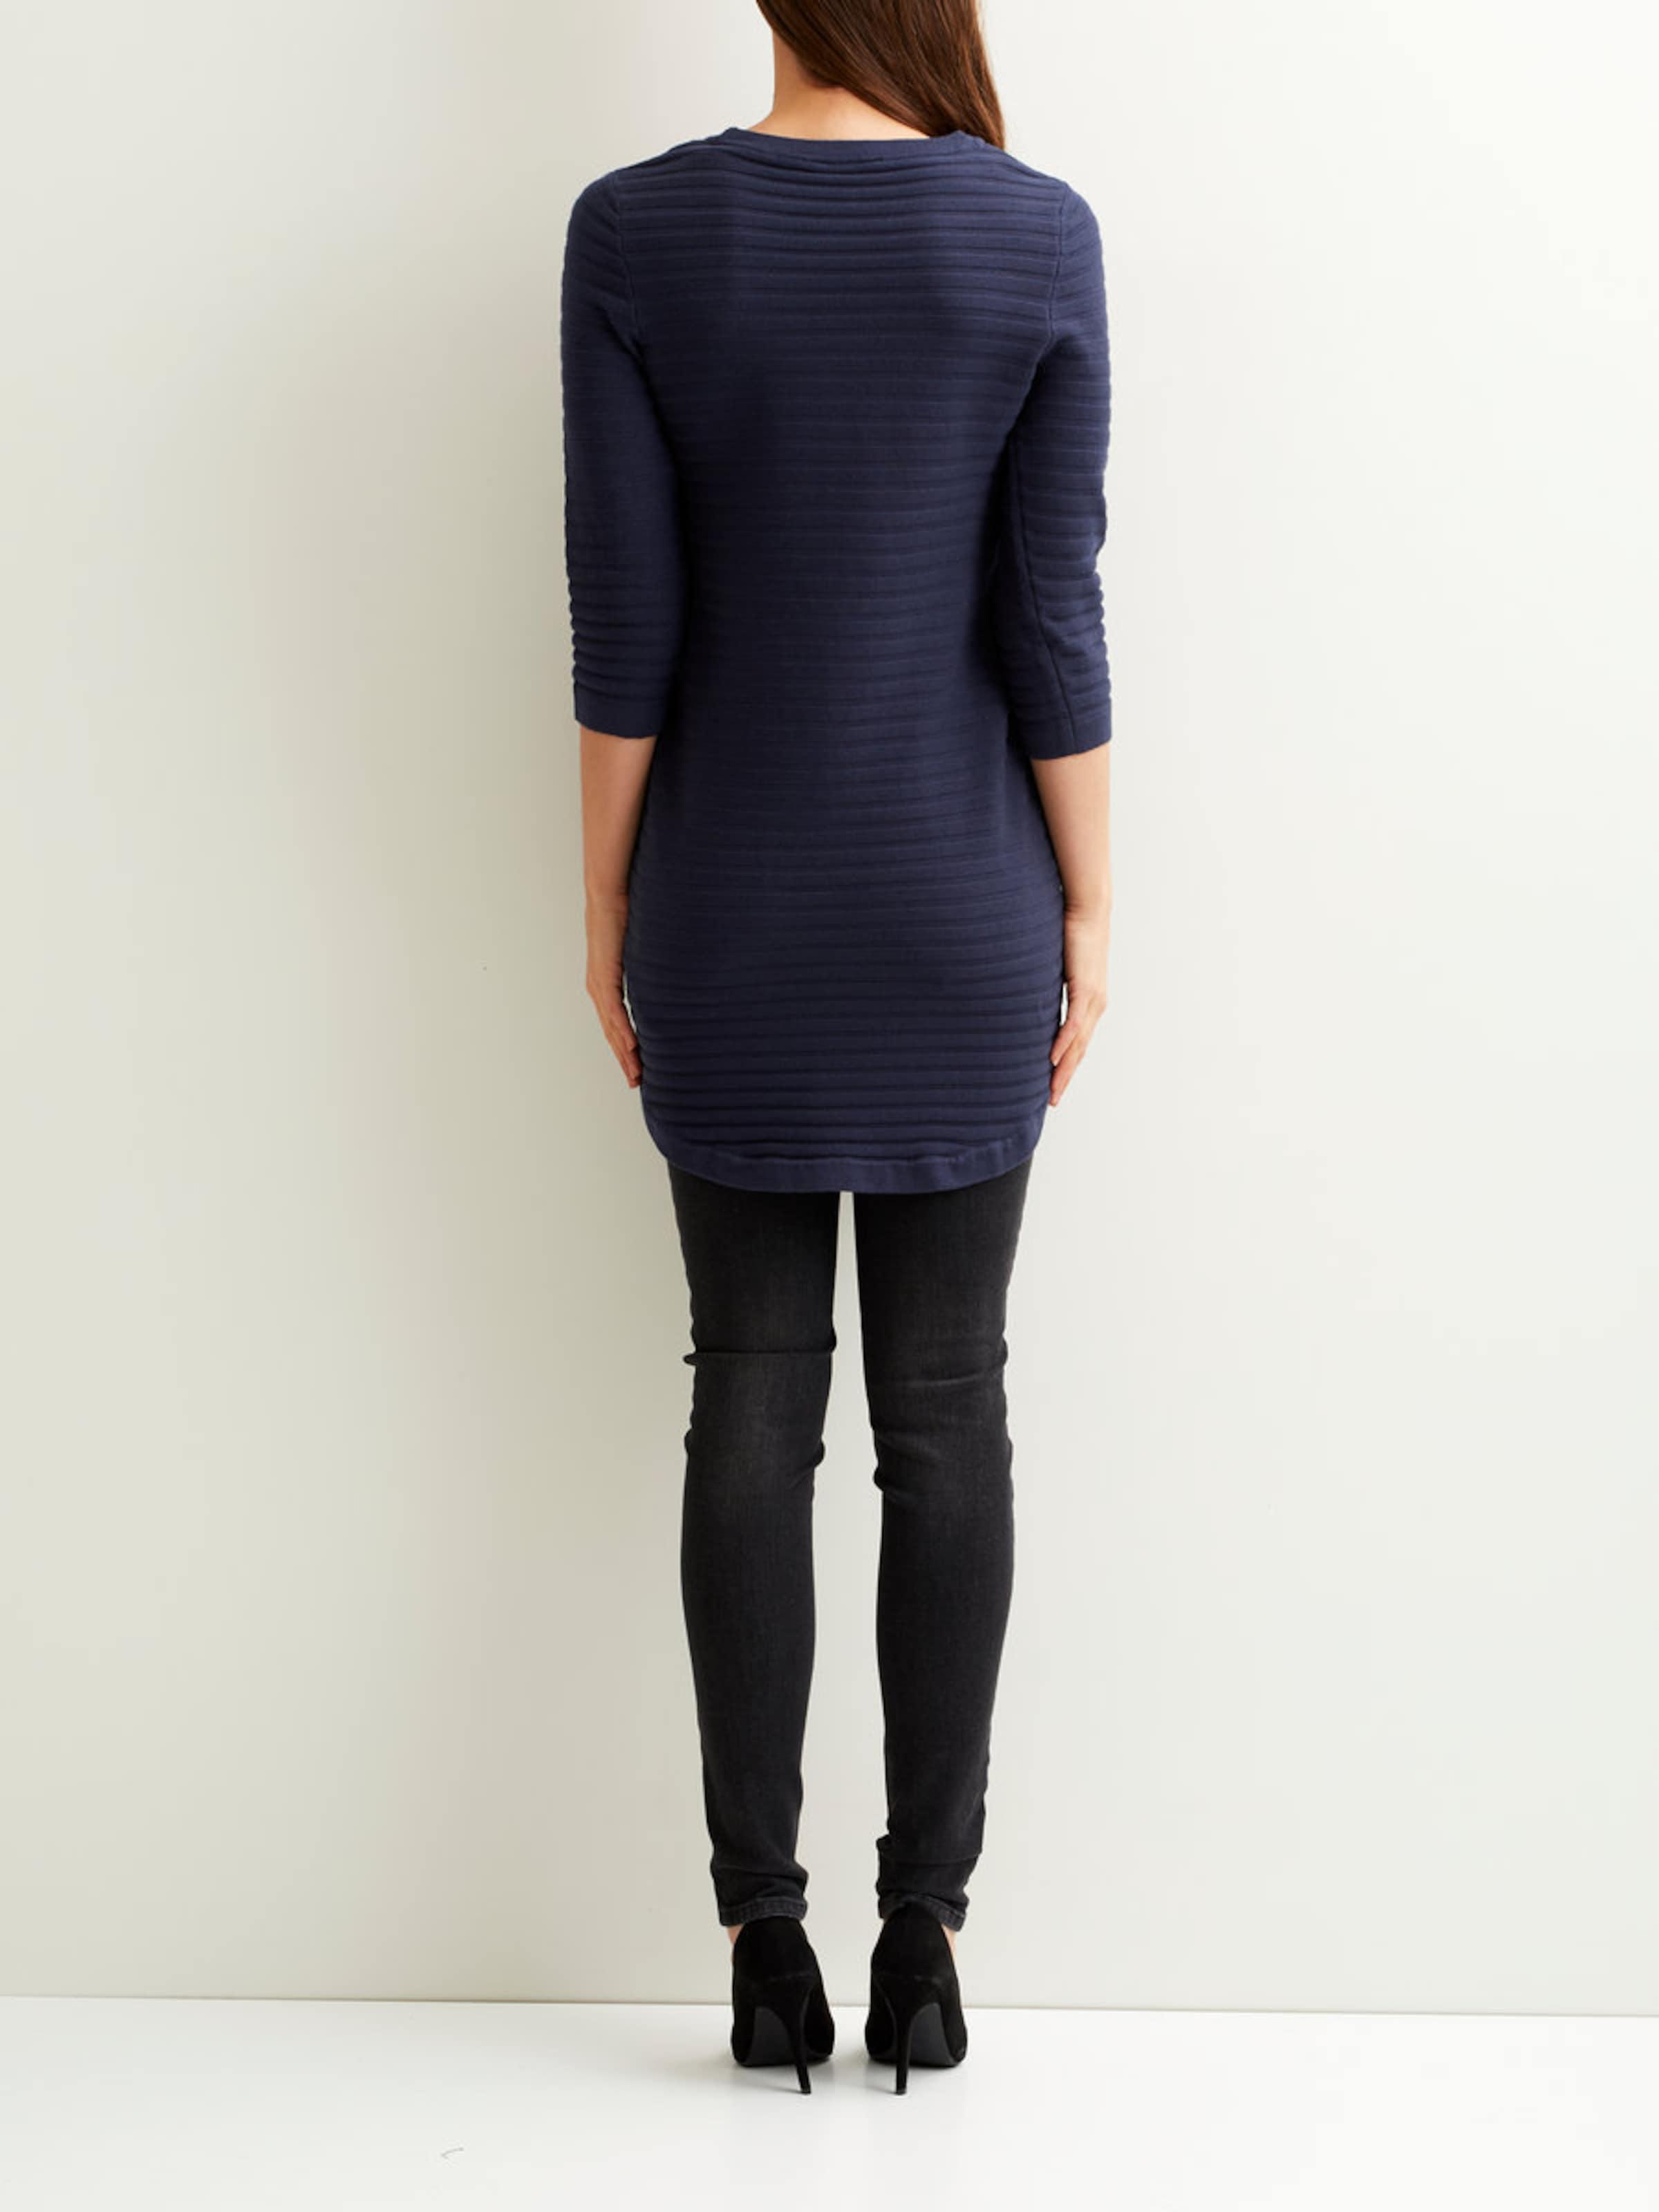 OBJECT Schlichtes Kleid Steckdose In Deutschland zE4evNJ